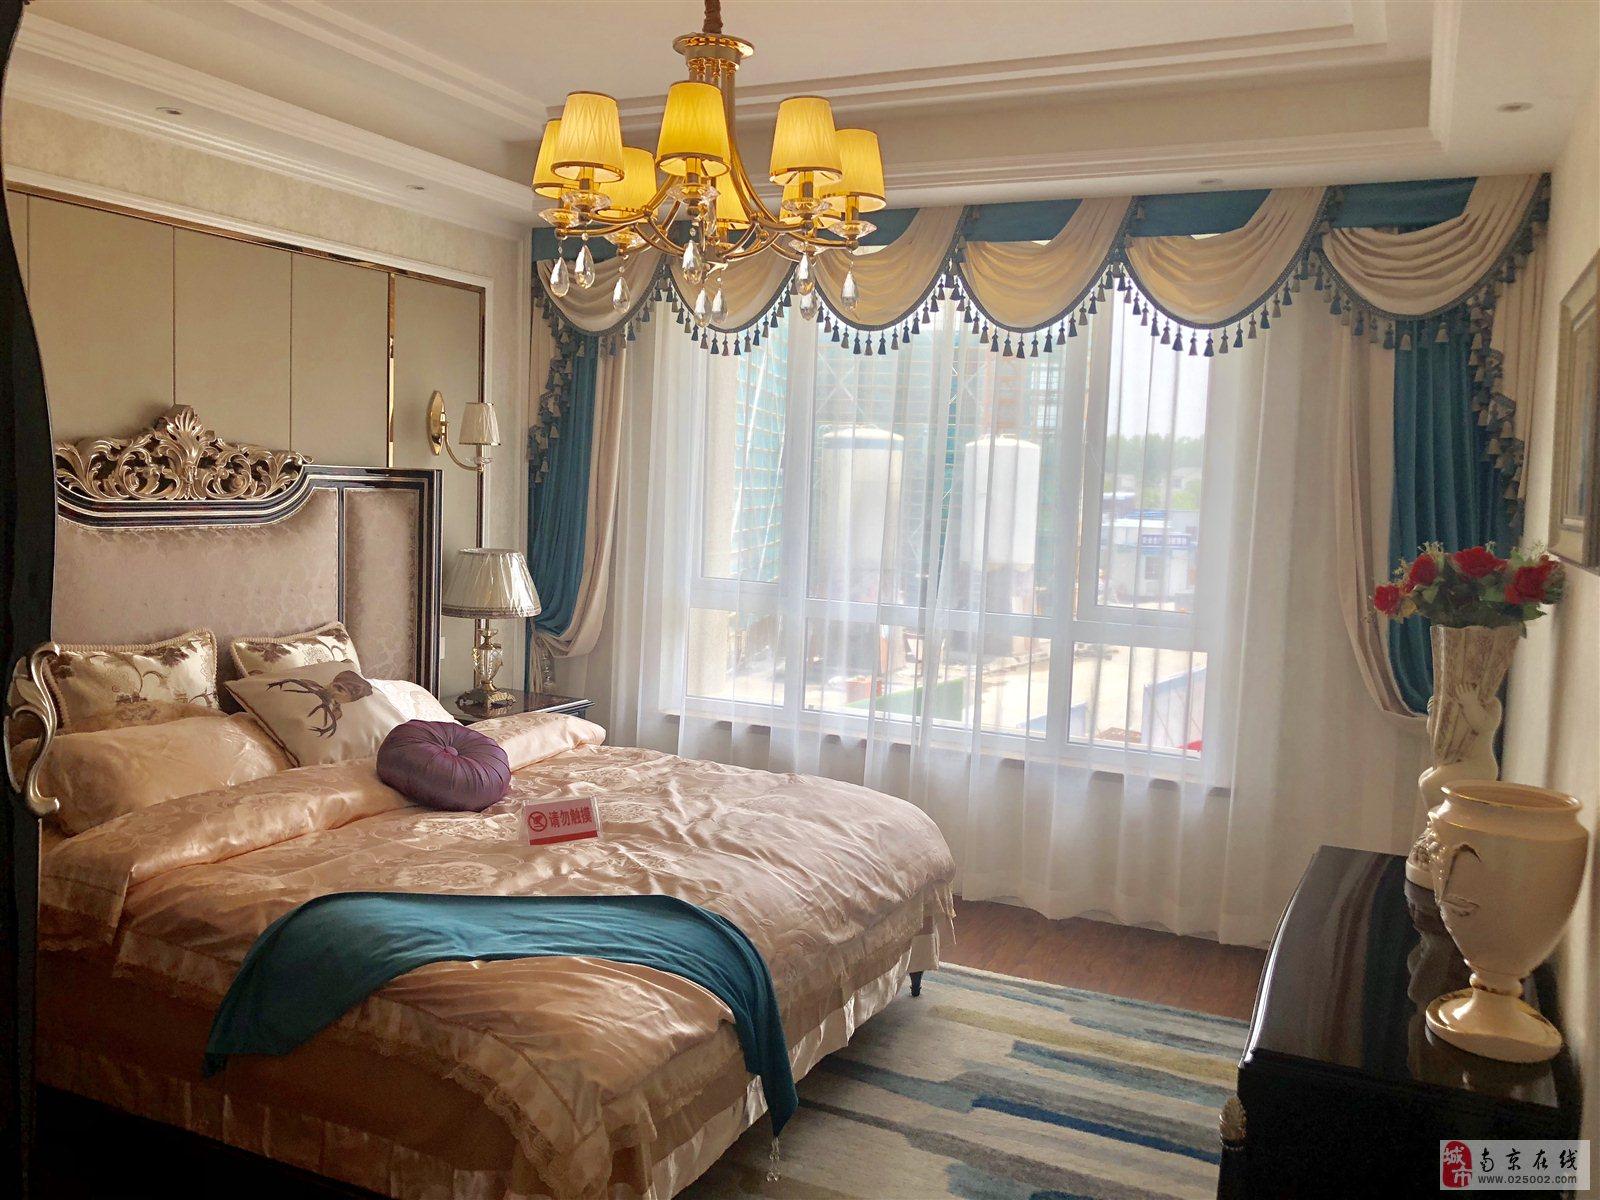 周边30万买南京山水中央五A风景区旁首付配套誉别墅天下别墅区图片